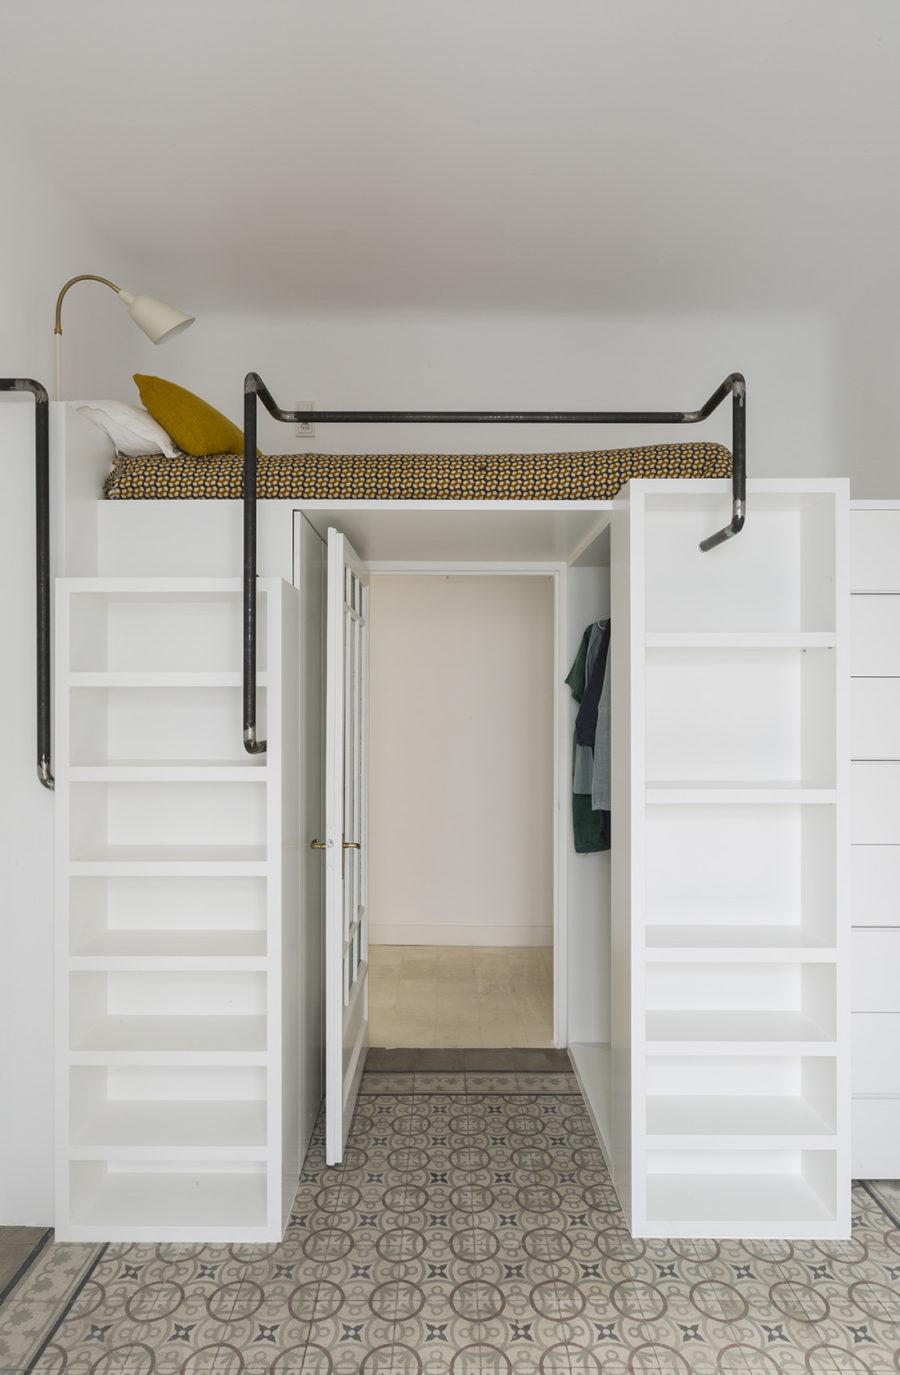 Dormitorio juvenil, reforma integral Sagasta